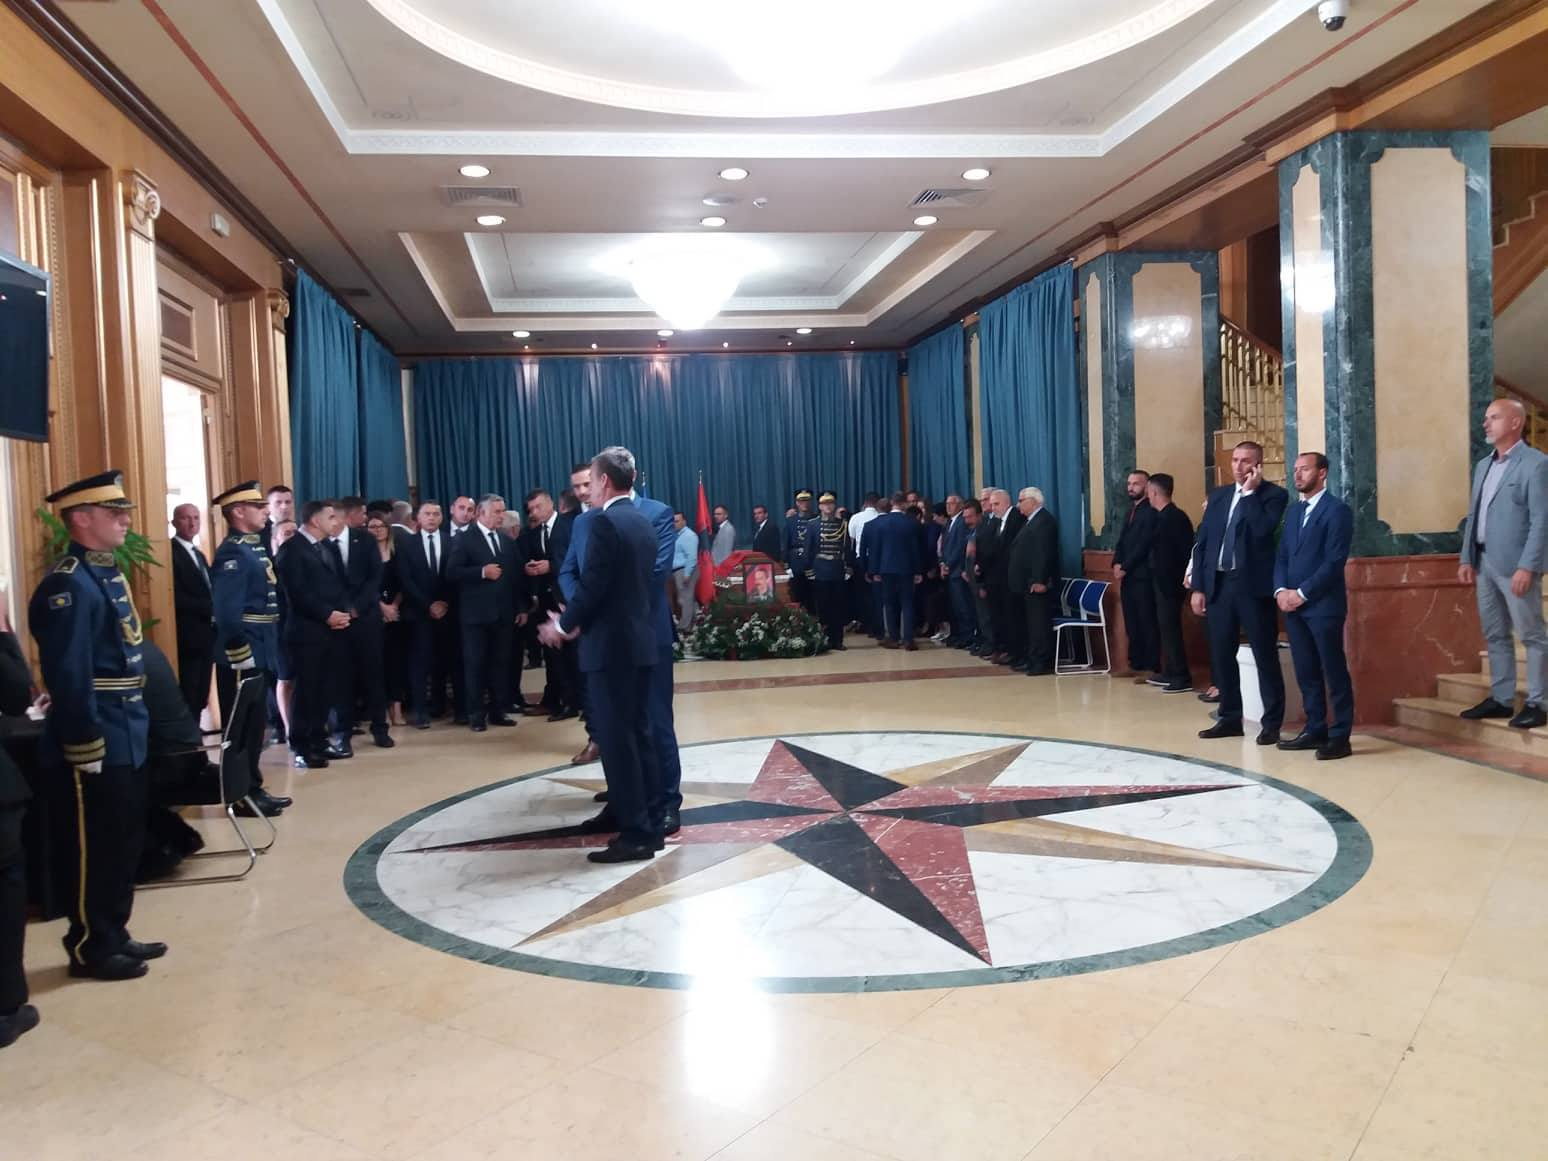 Veseli e Haradinaj bëjnë homazhe para arkivoleve të kolonel Ahmet Krasniqit dhe Qazim Jakupit